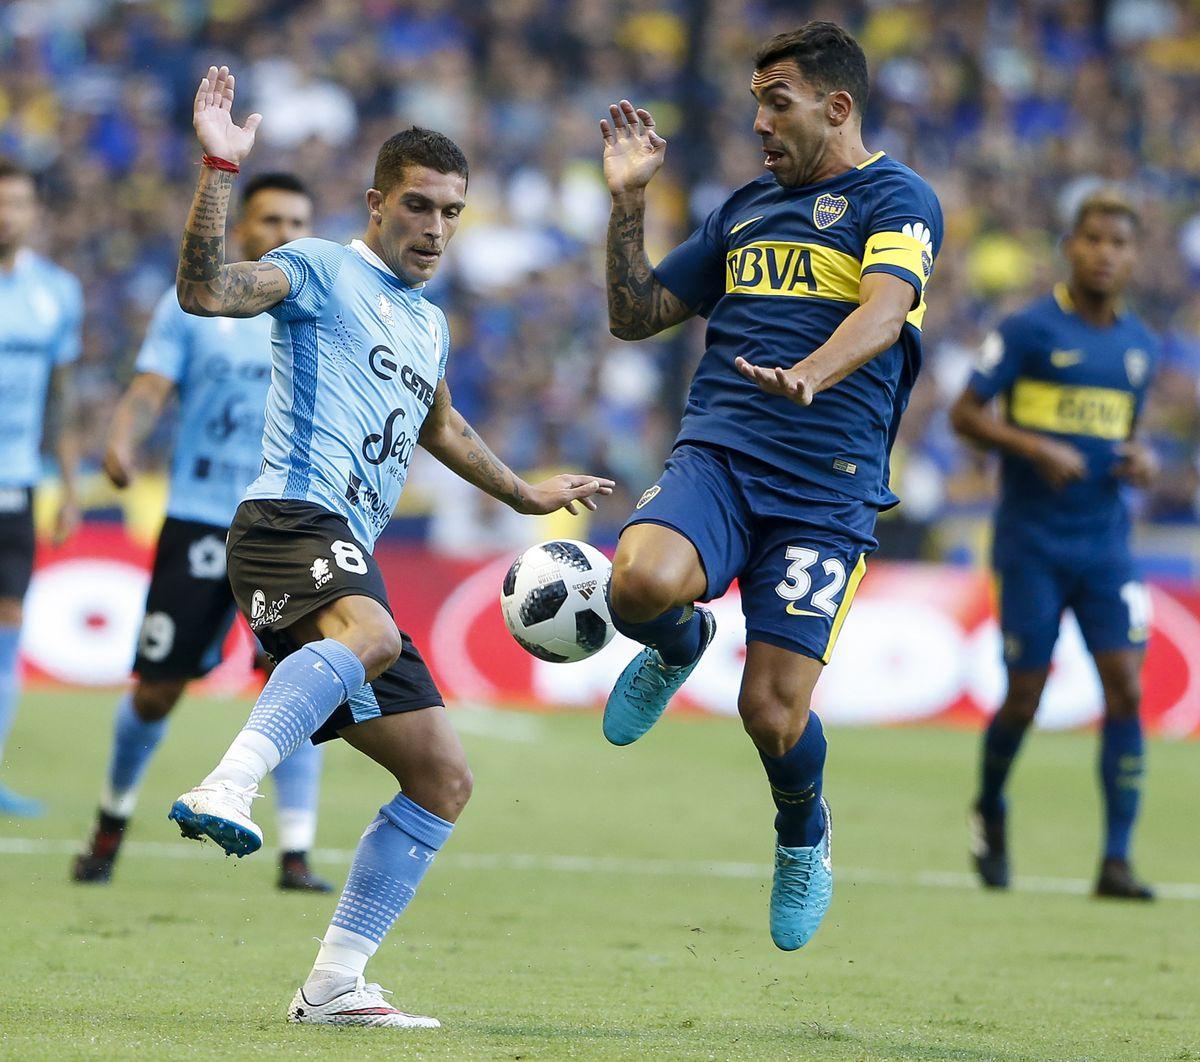 Boca Juniors v Temperley - Superliga 2017/18